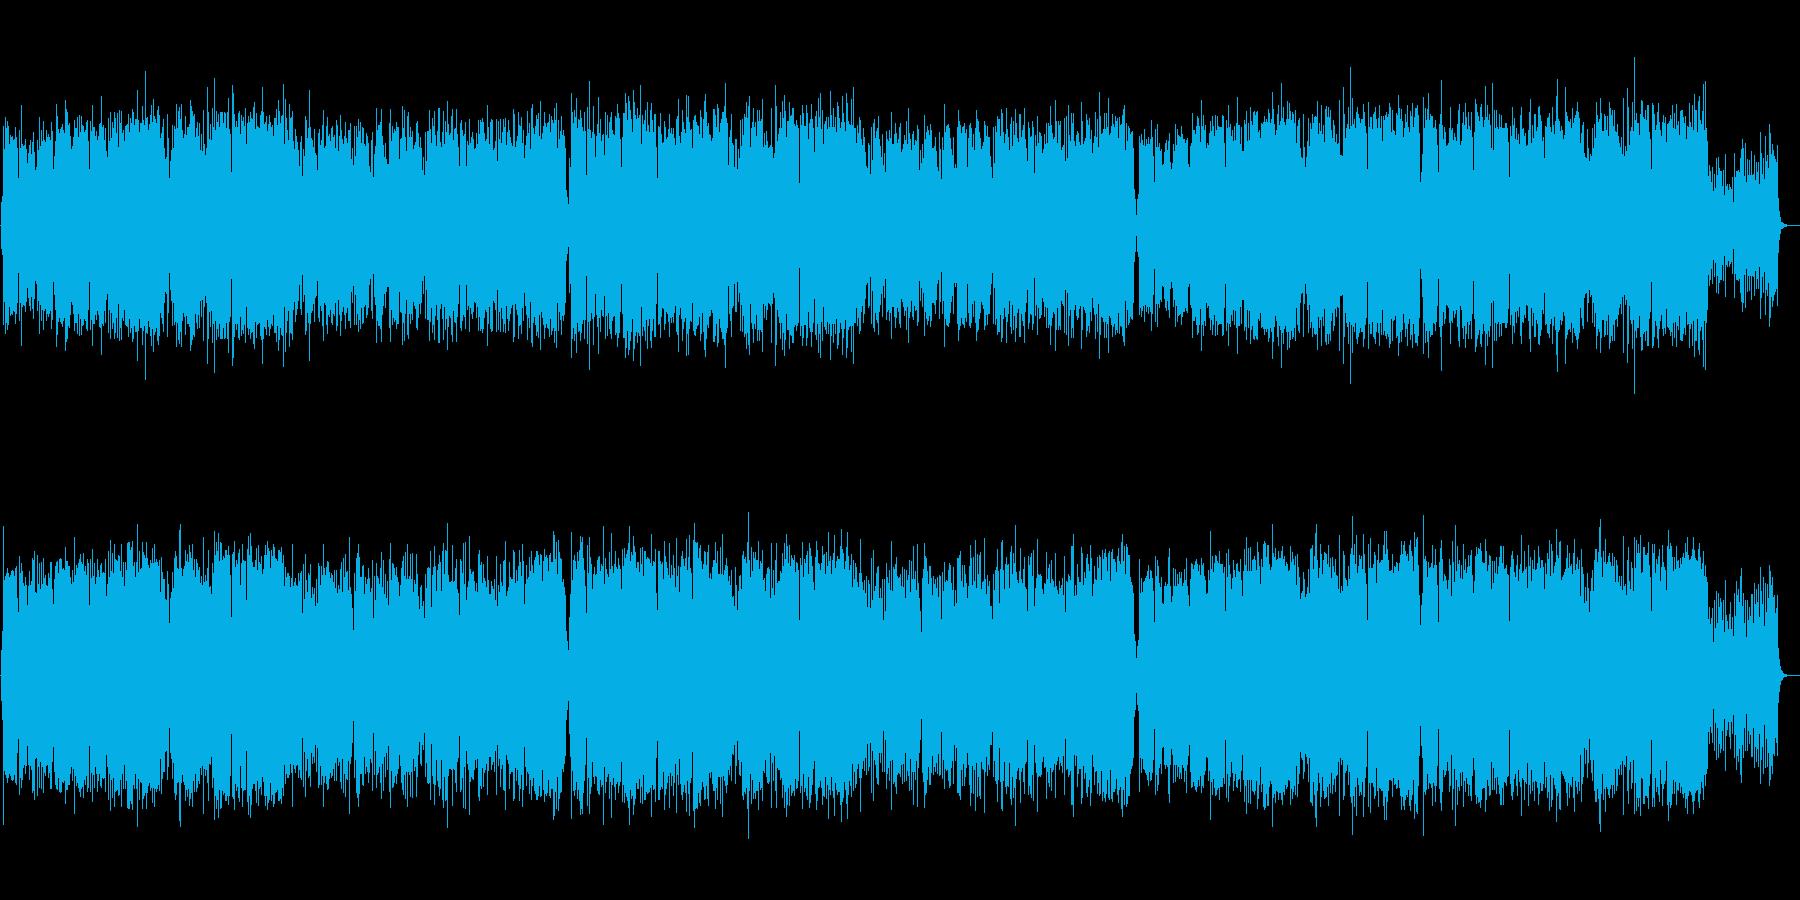 【生録音】和ポップ・篠笛・切ないメロディの再生済みの波形